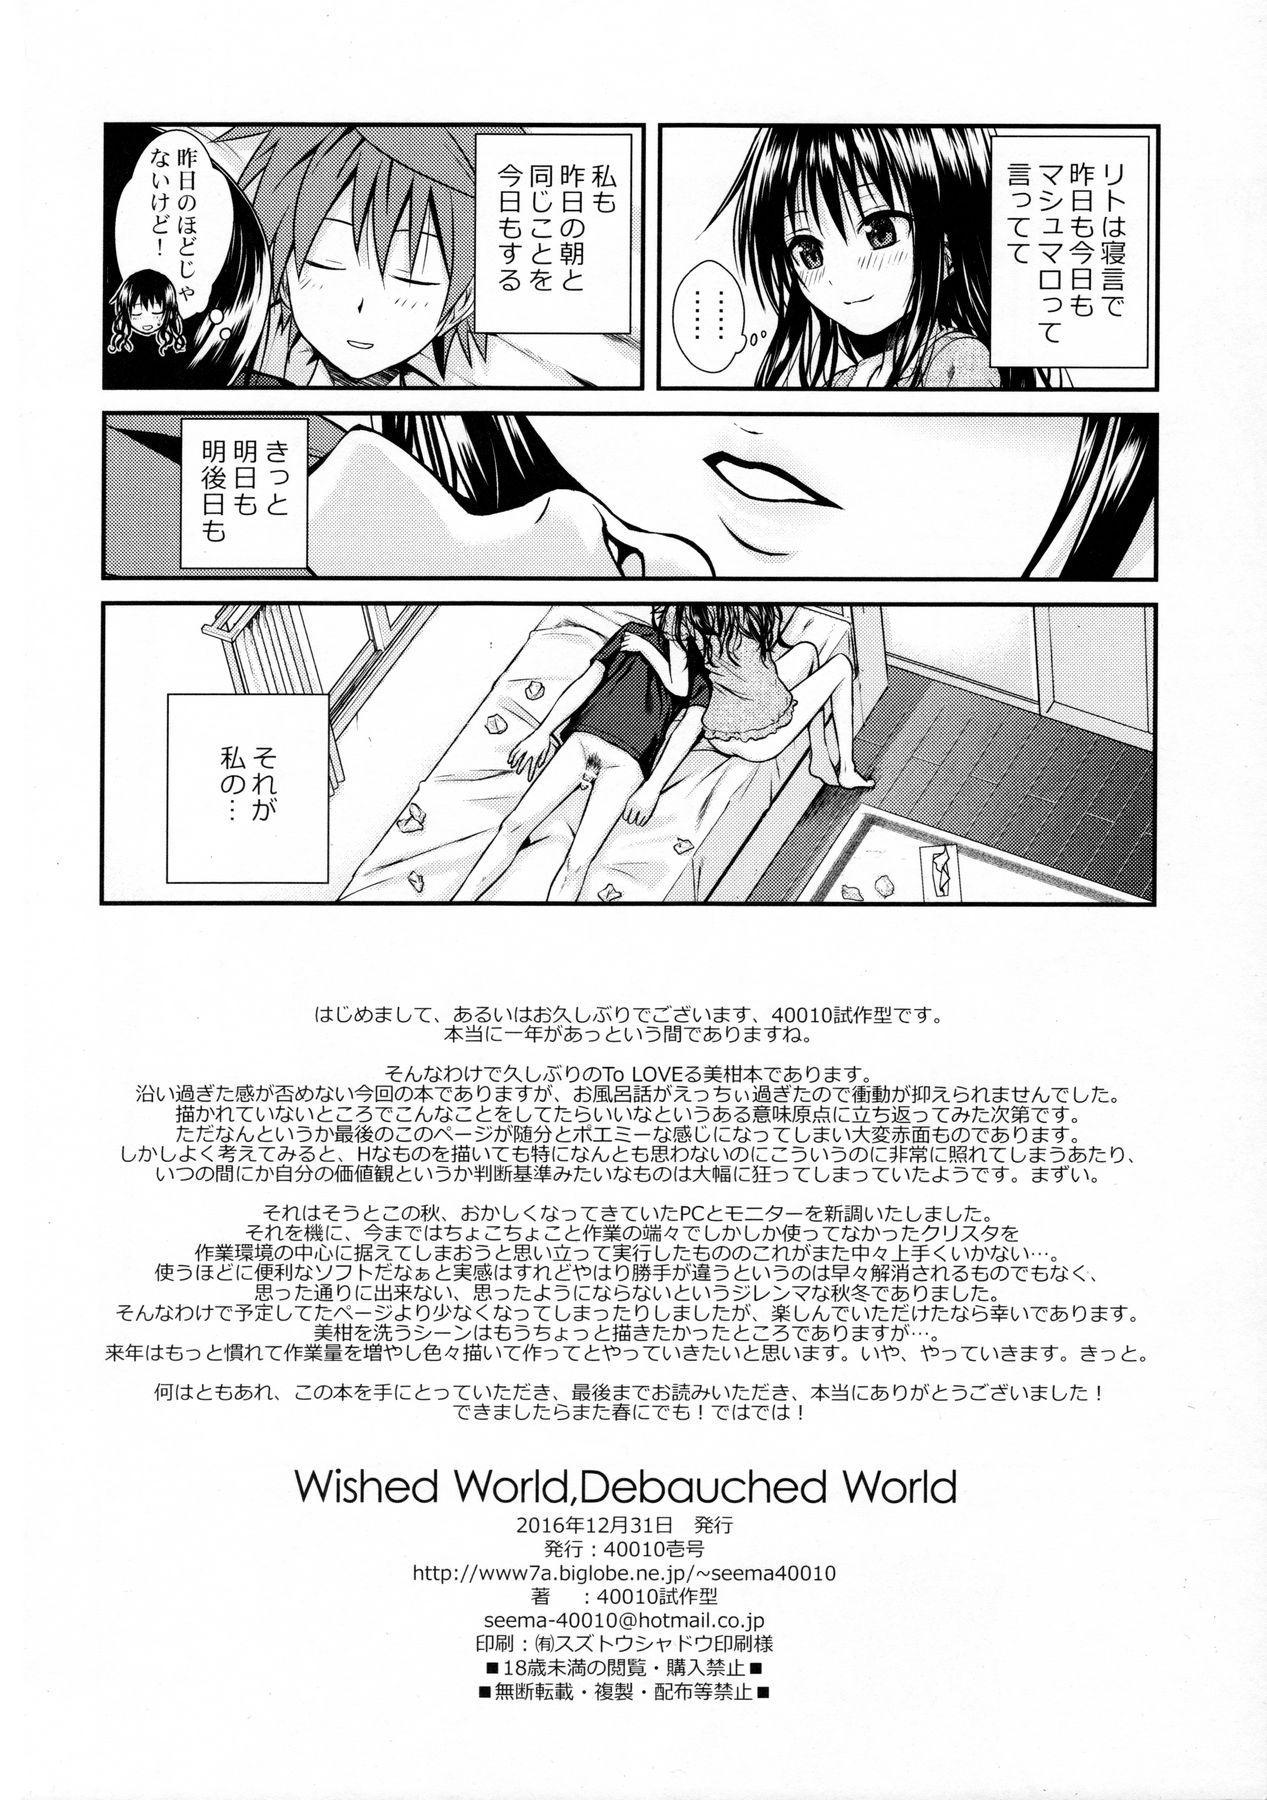 Wished World,Debauched World 20